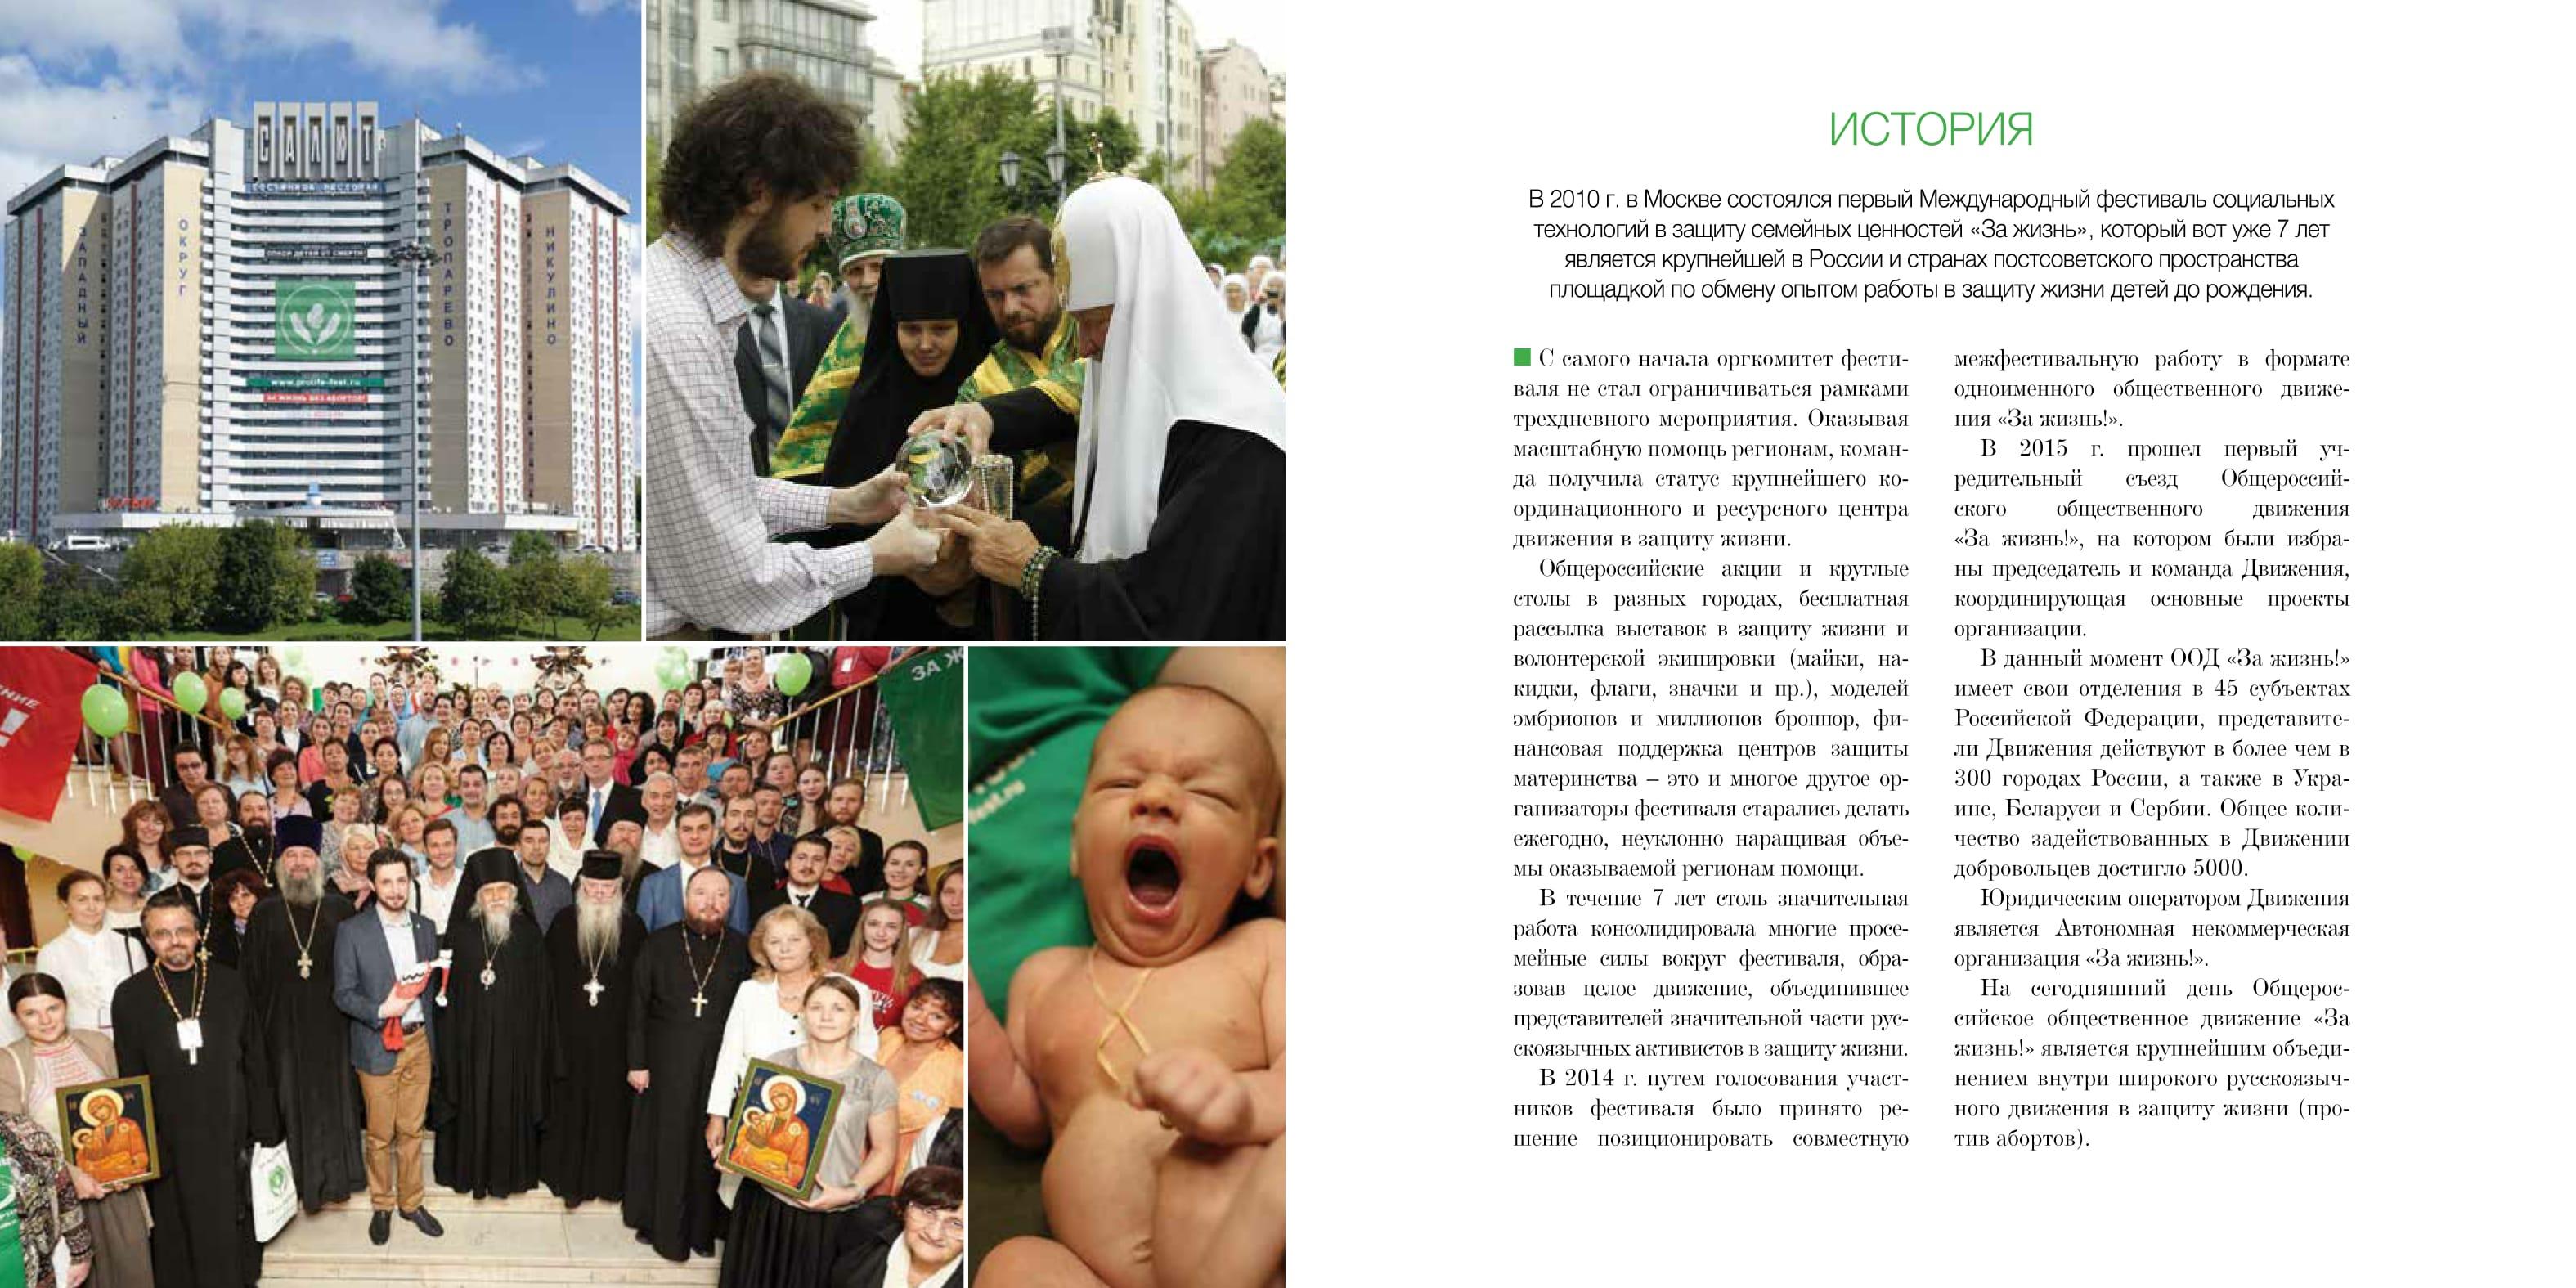 Международный фестиваль социальных технологий в защиту семейных ценностей «За жизнь» является крупнейшей в России и странах постсоветского пространства площадкой по обмену опытом работы в защиту жизни детей до рождения.